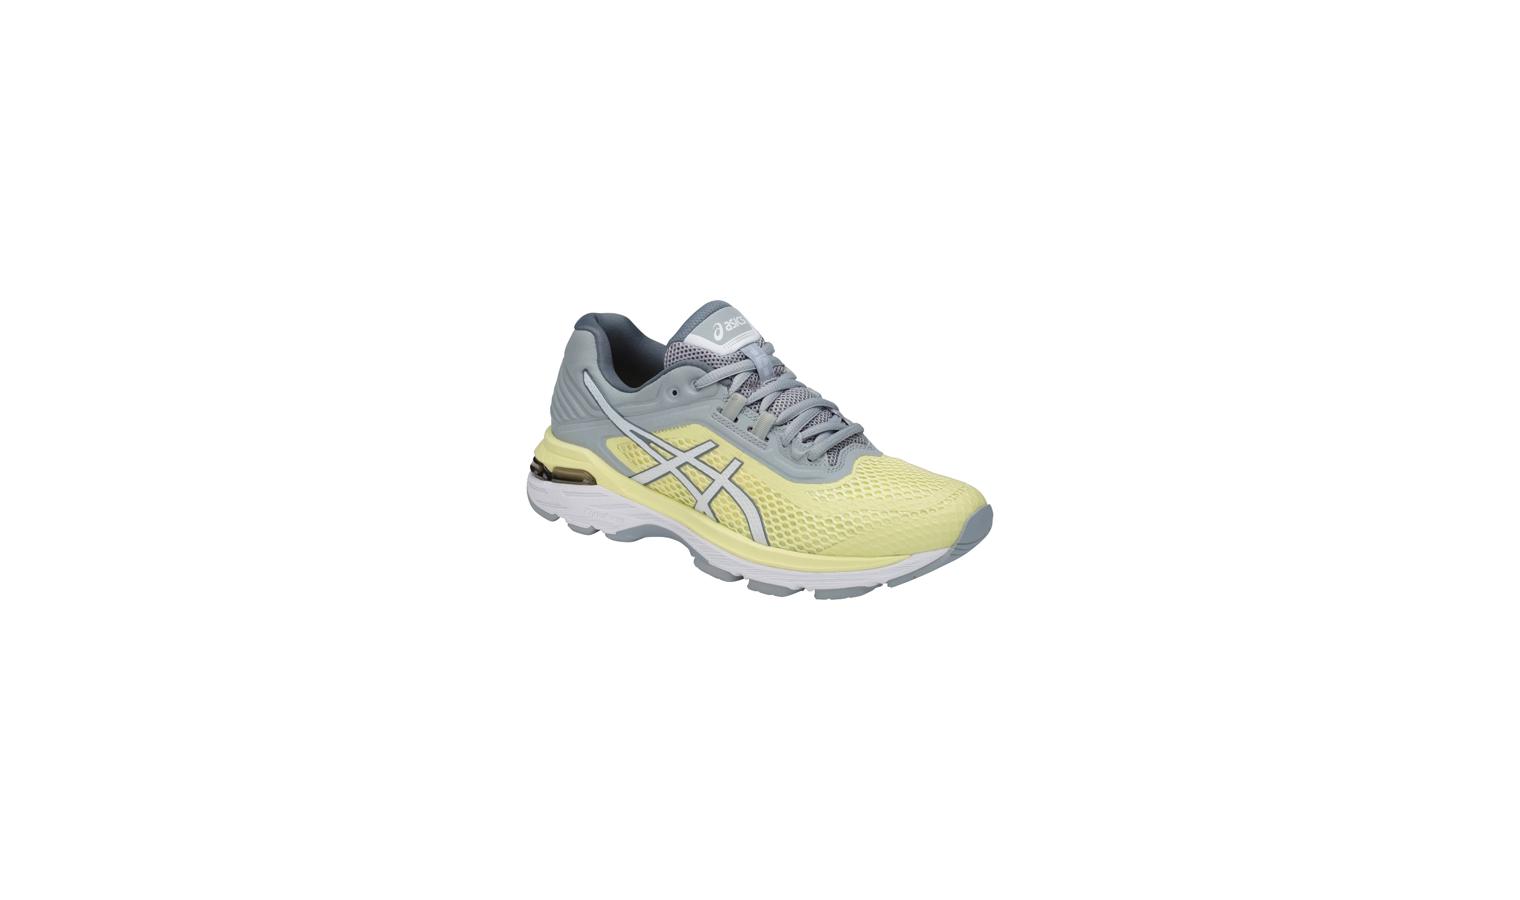 c84a733532d ... Dámské běžecké boty Asics GT-2000 6 W žluto-šedé. 0 Kč Sleva